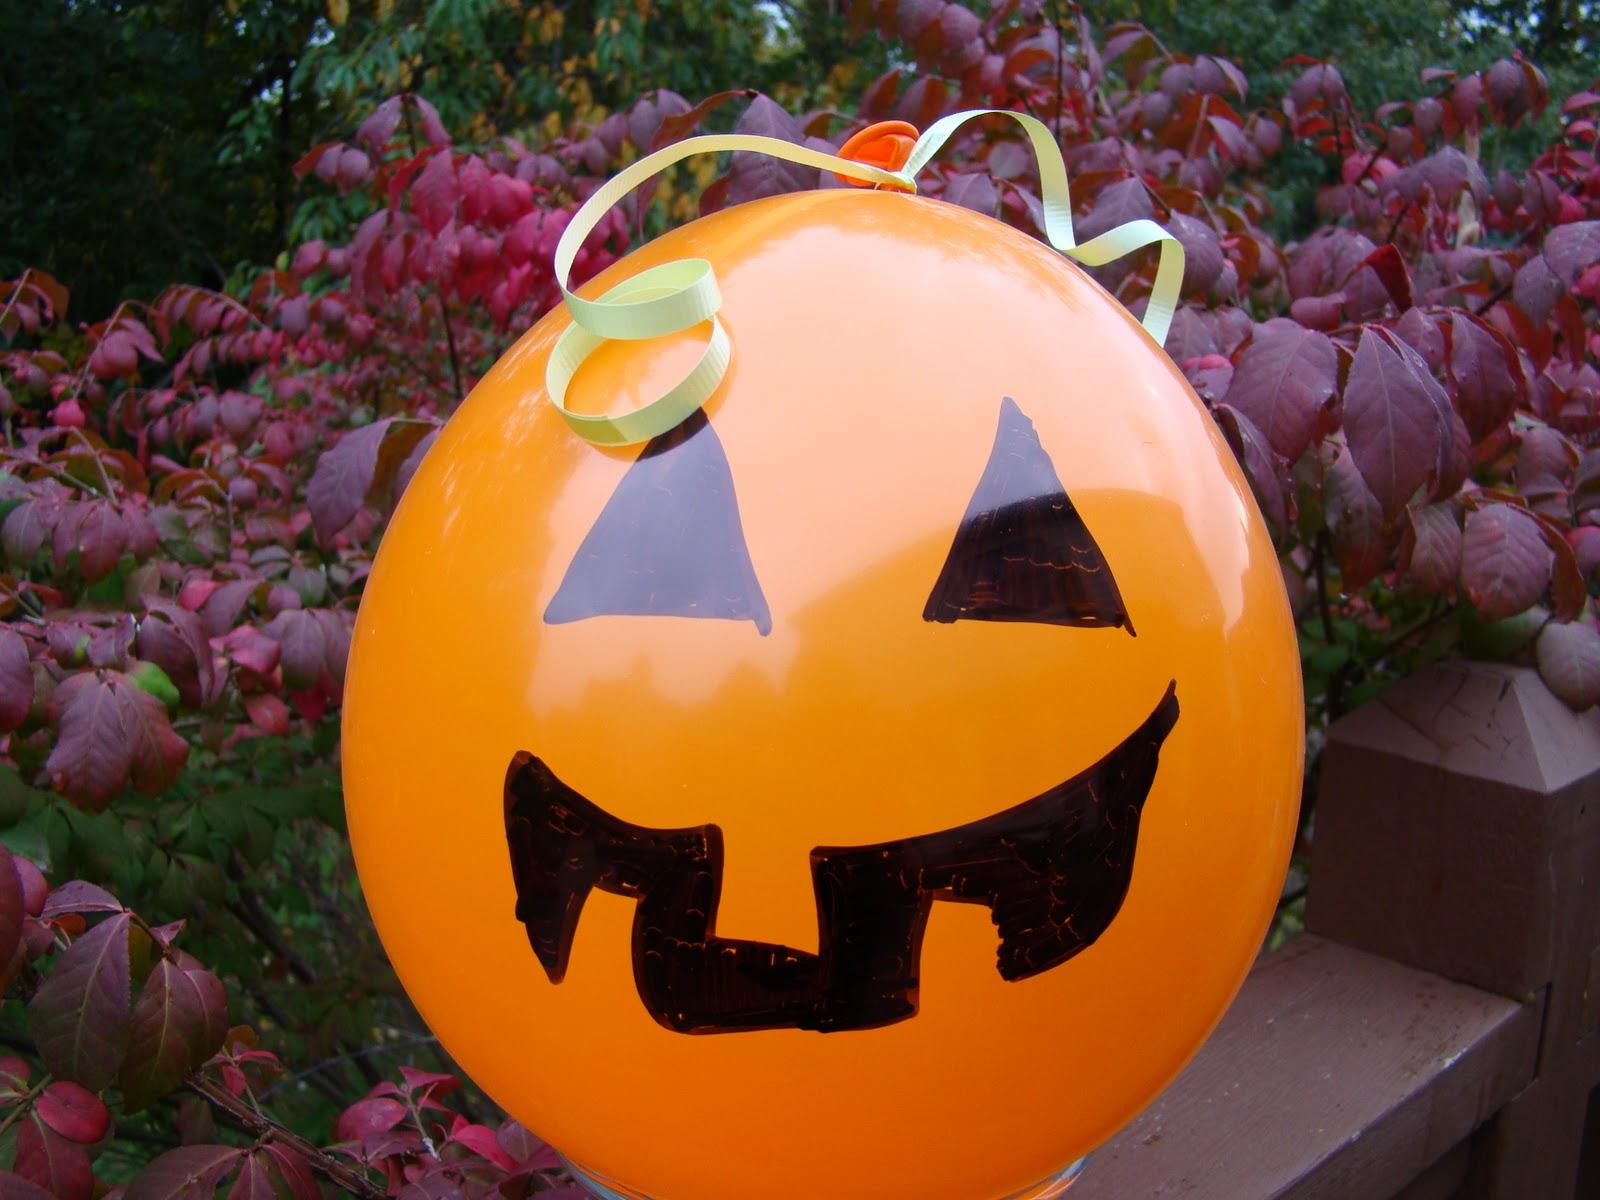 Baul de ilusiones manualidades para halloween - Decoracion calabazas halloween ...